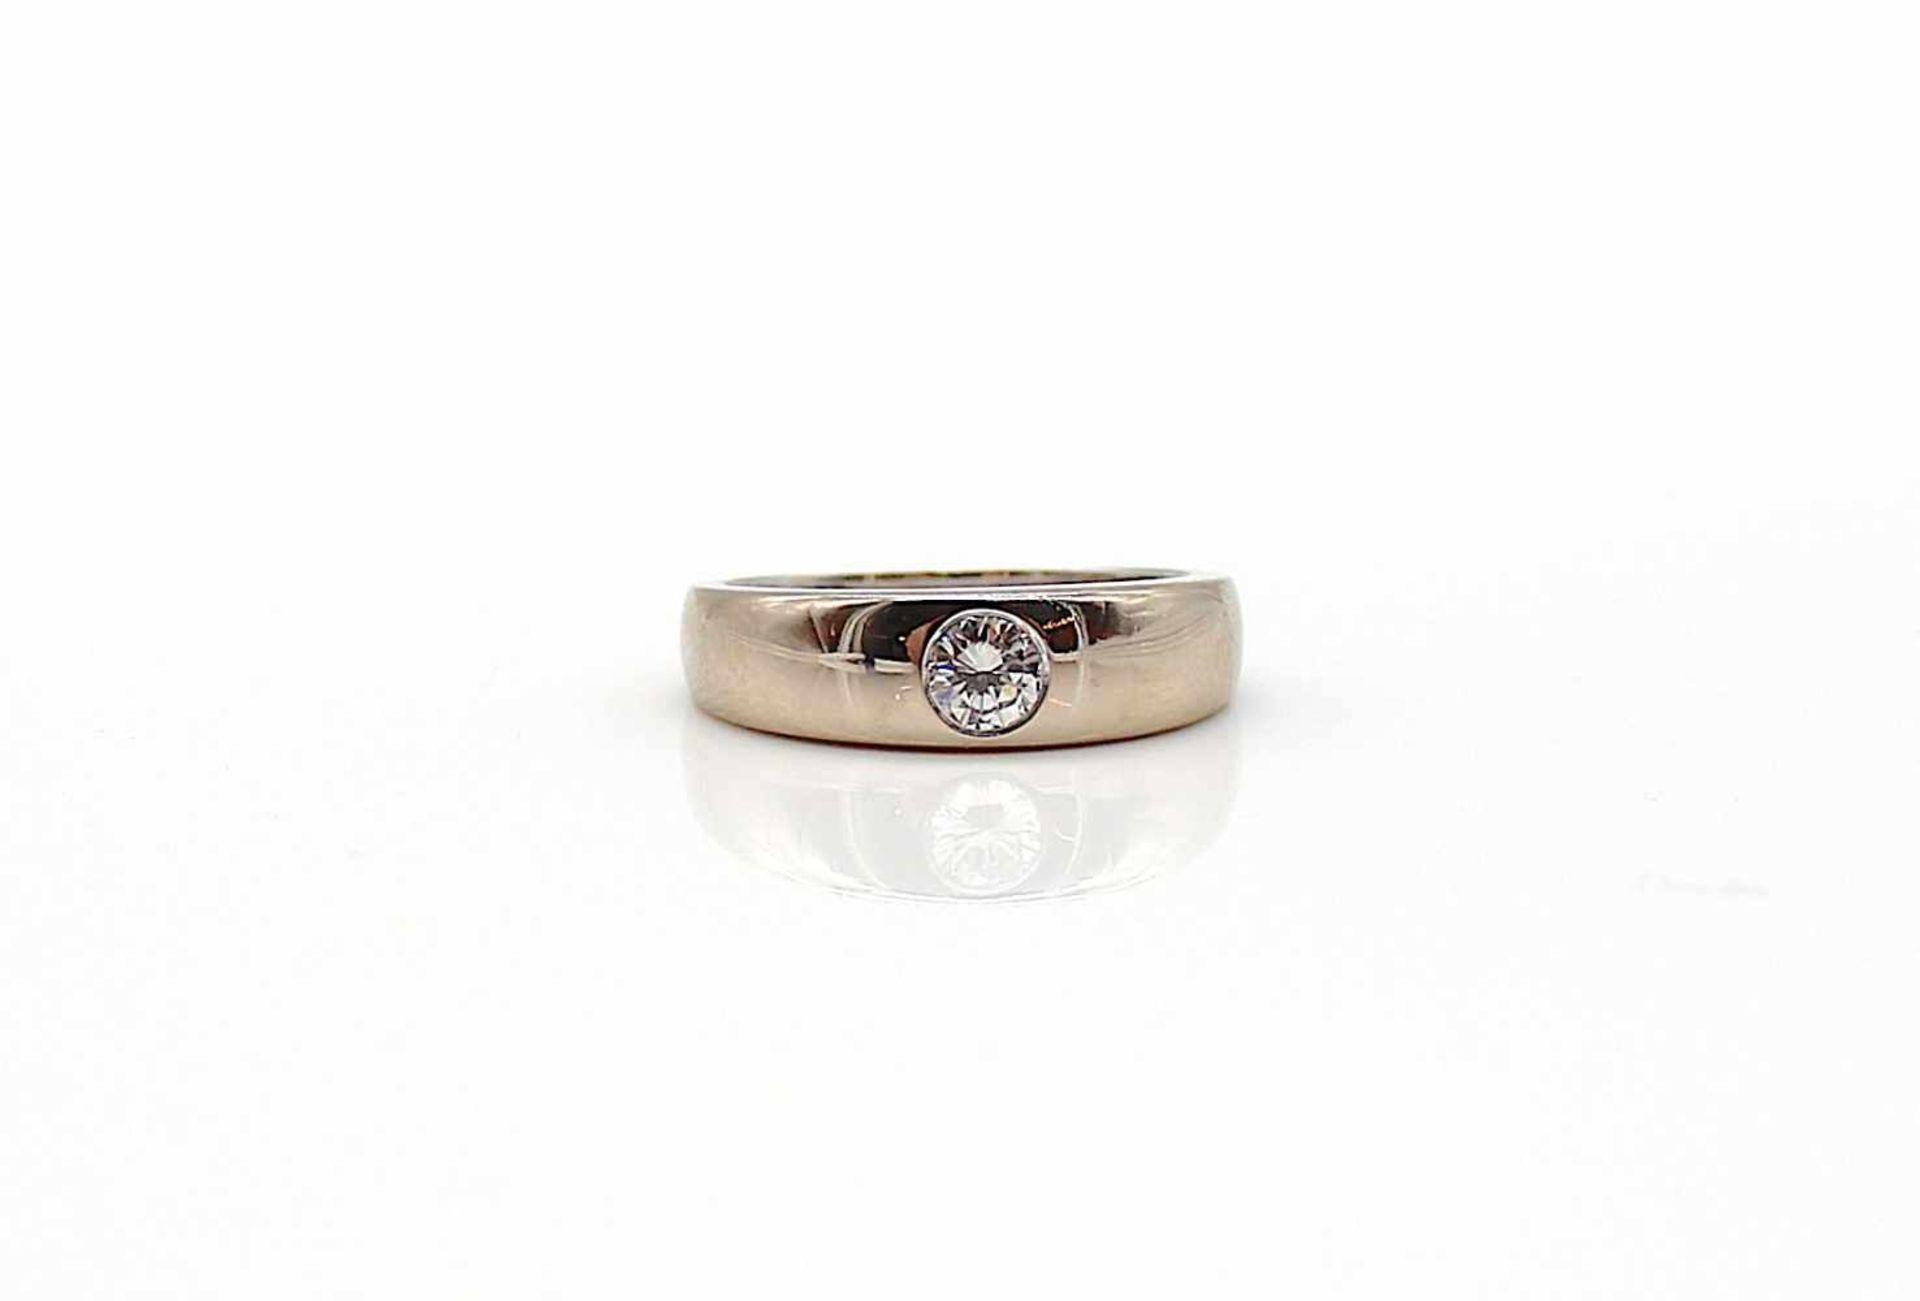 Los 35 - Ring 750 Gold Weißgold 1 Brillant ca. 0,35 ct, mittlerer Reinheits- u. Farbgrad 9 g, Gr. 56